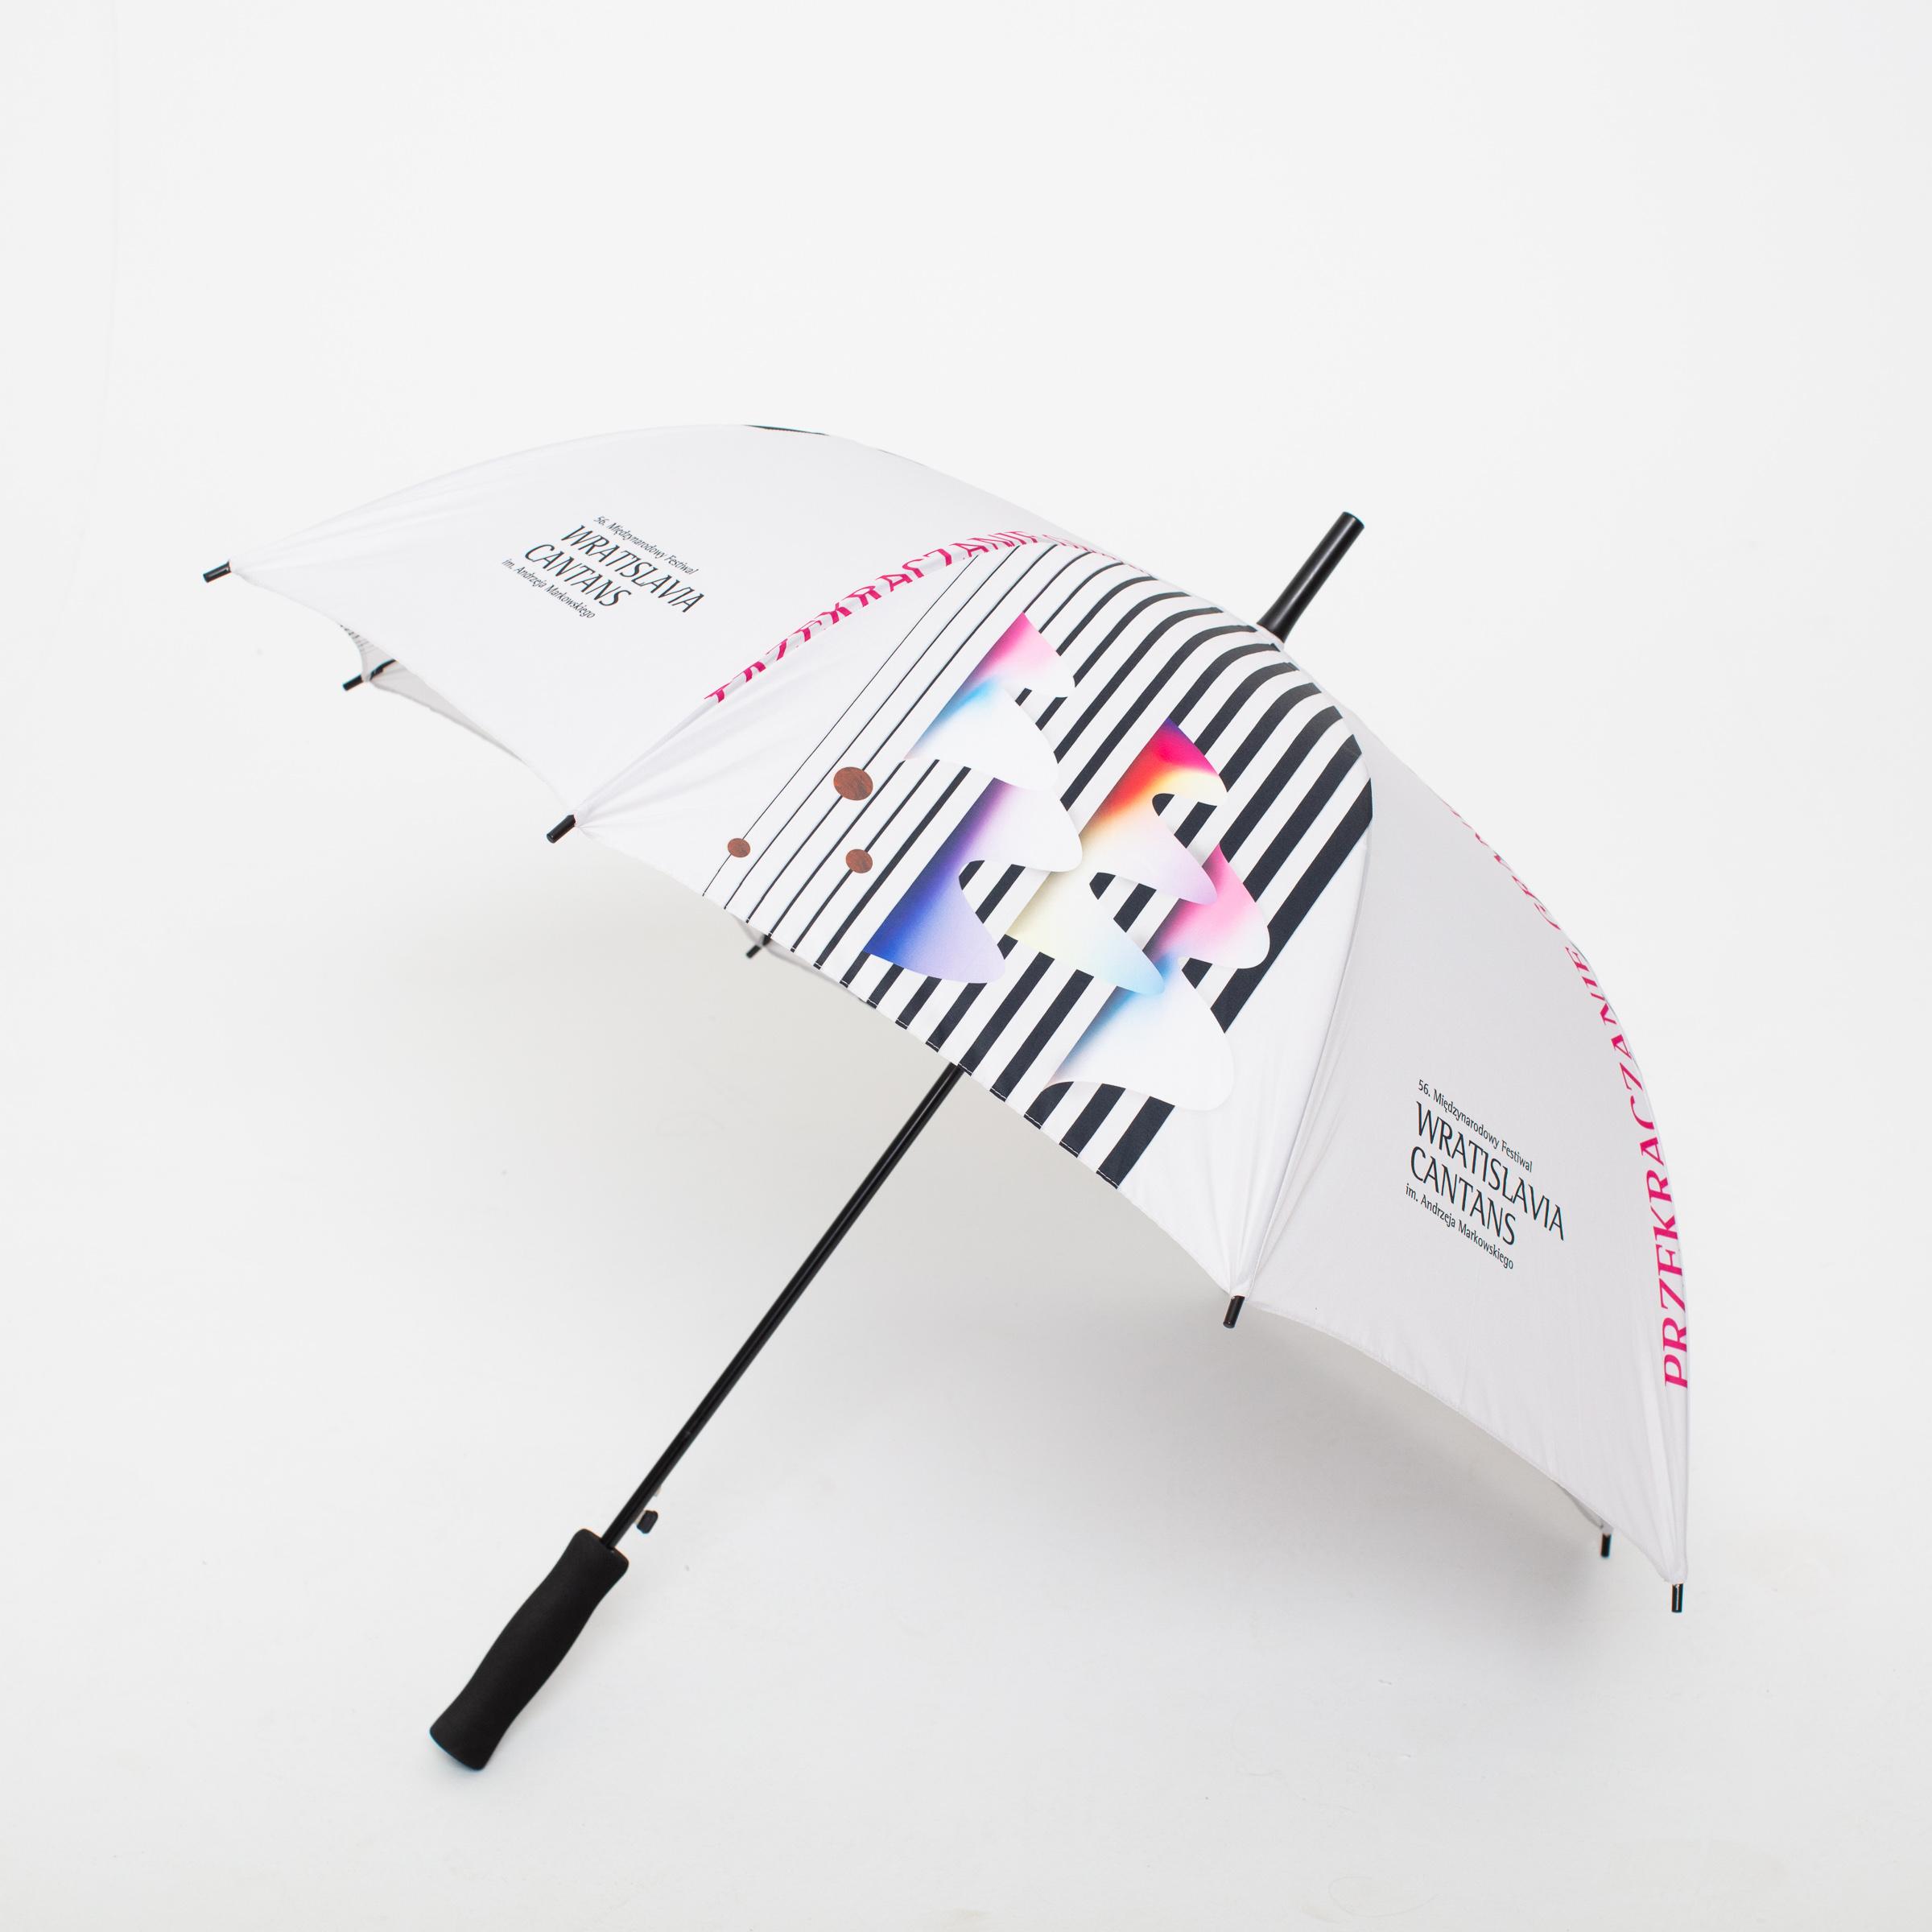 56. Wratislavia Cantans | parasol